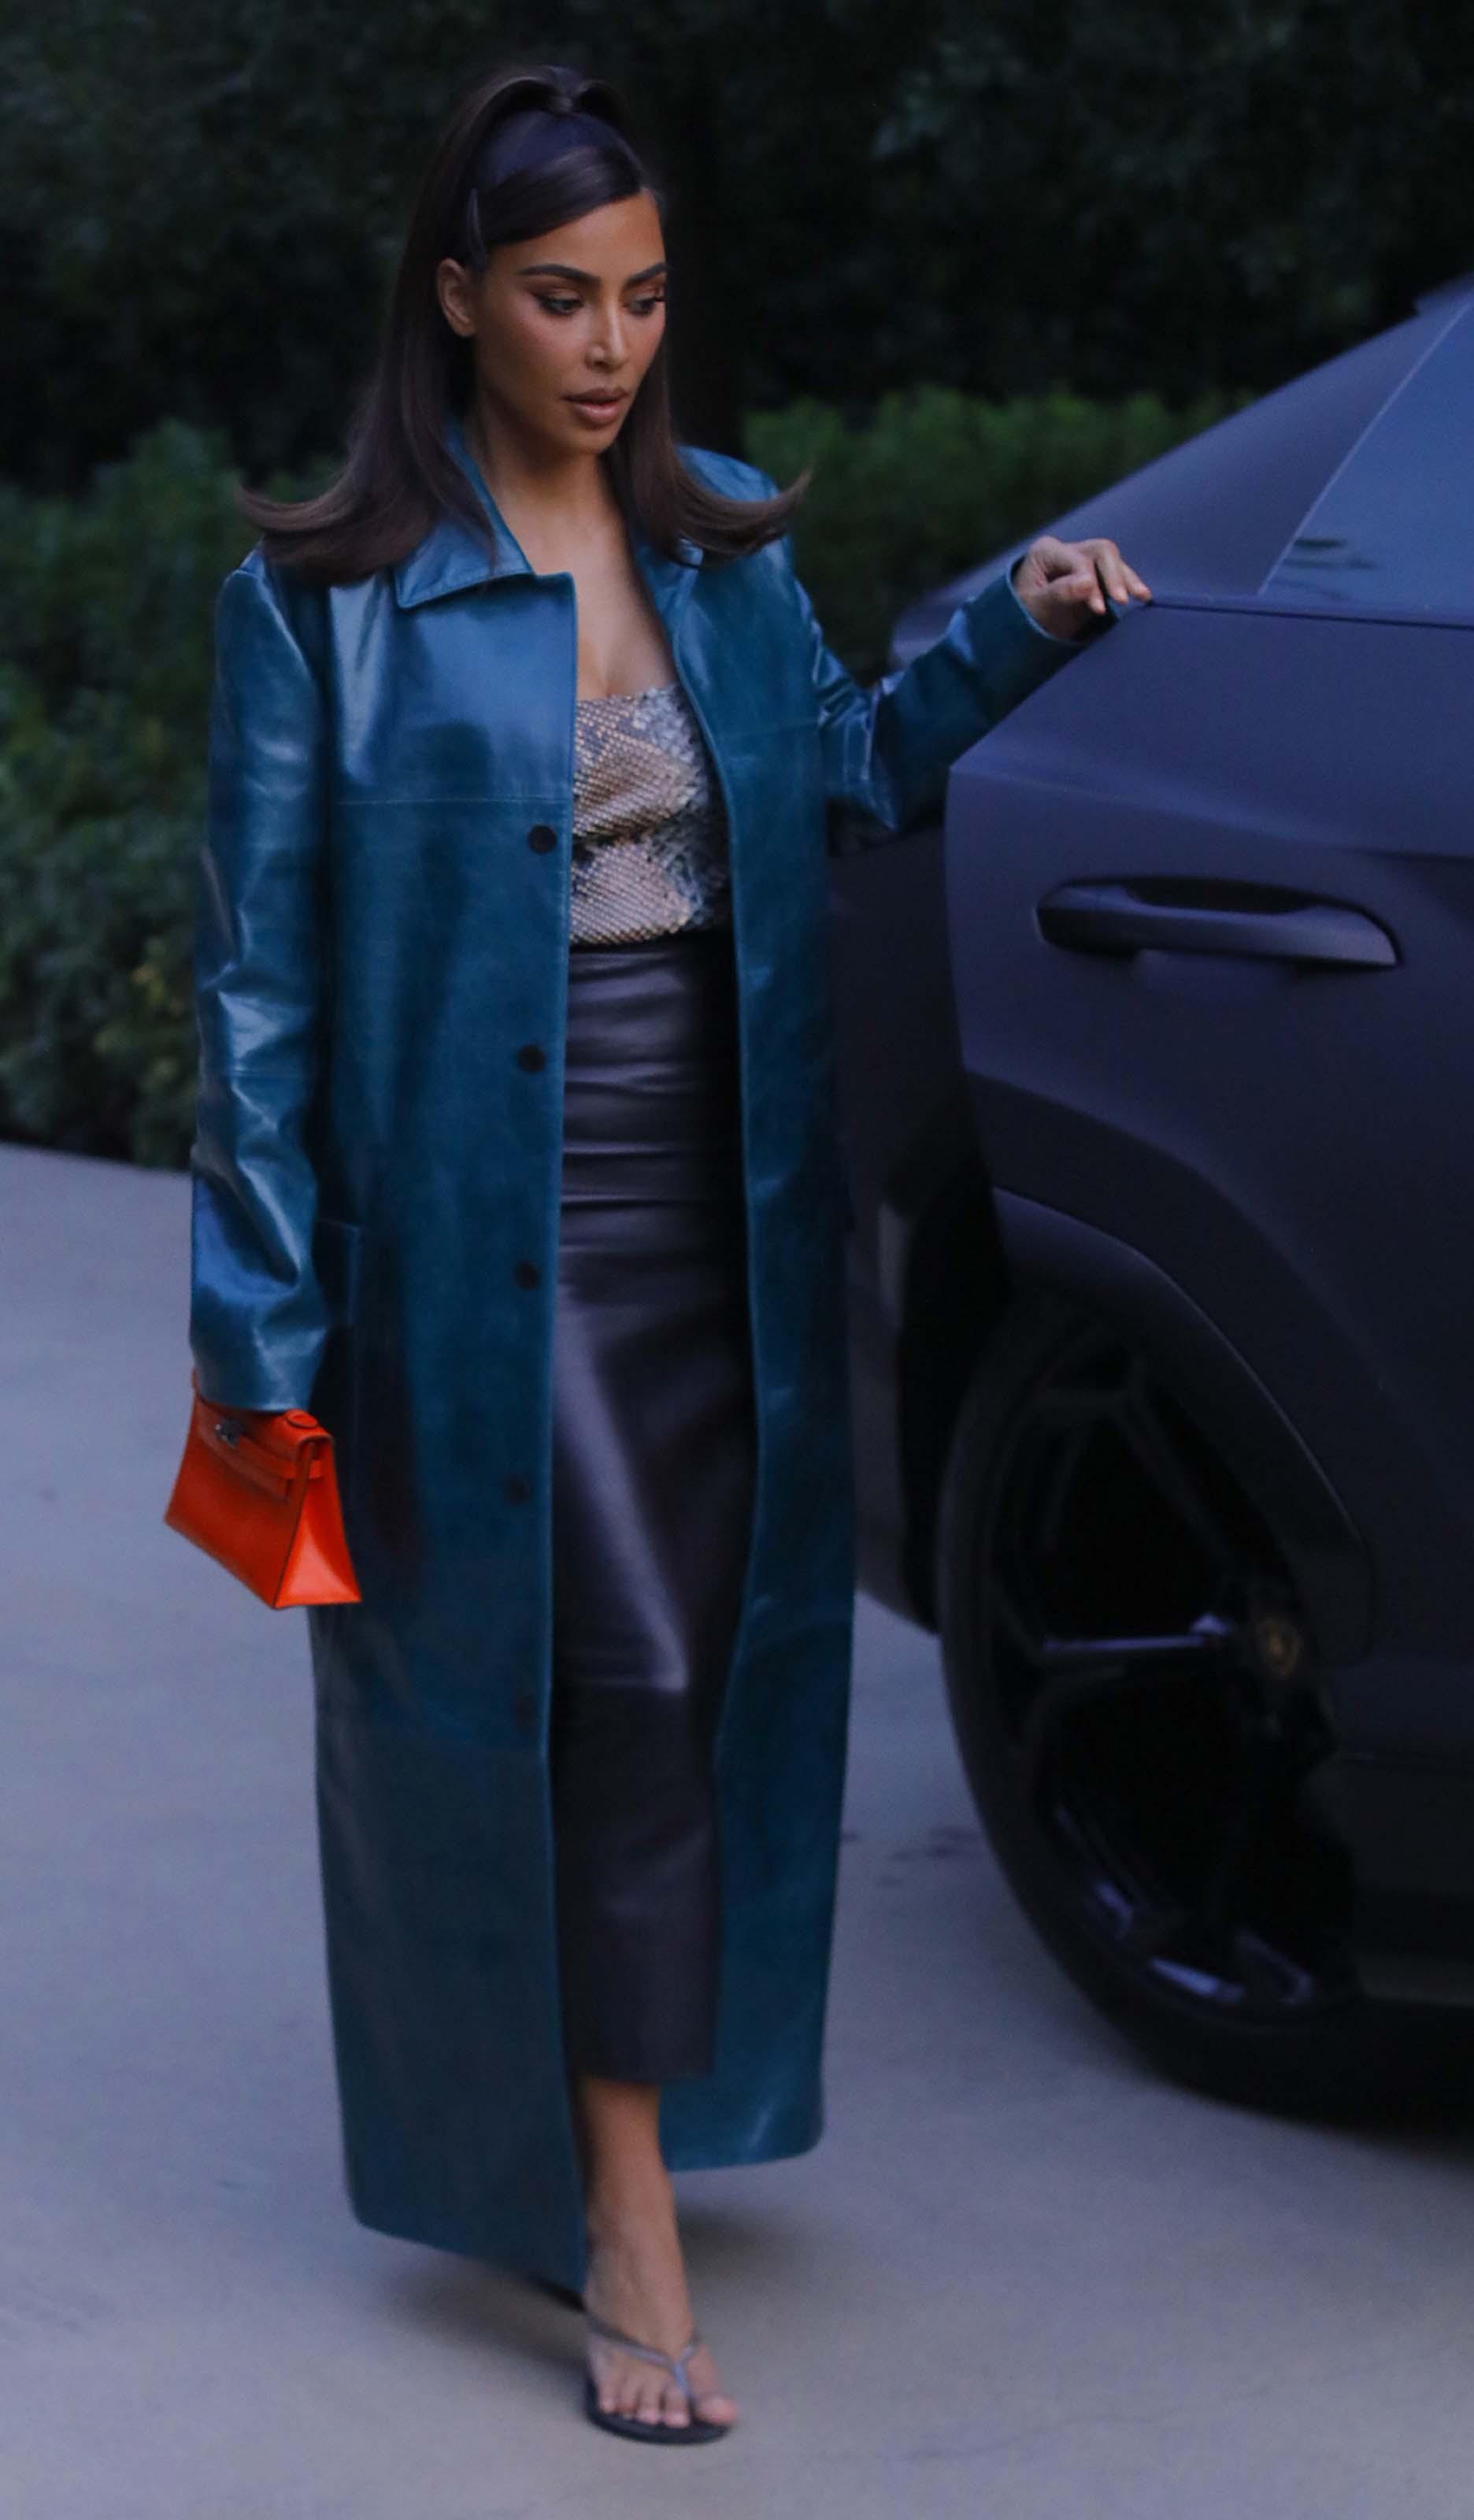 Kim Kardashian West at business meeting